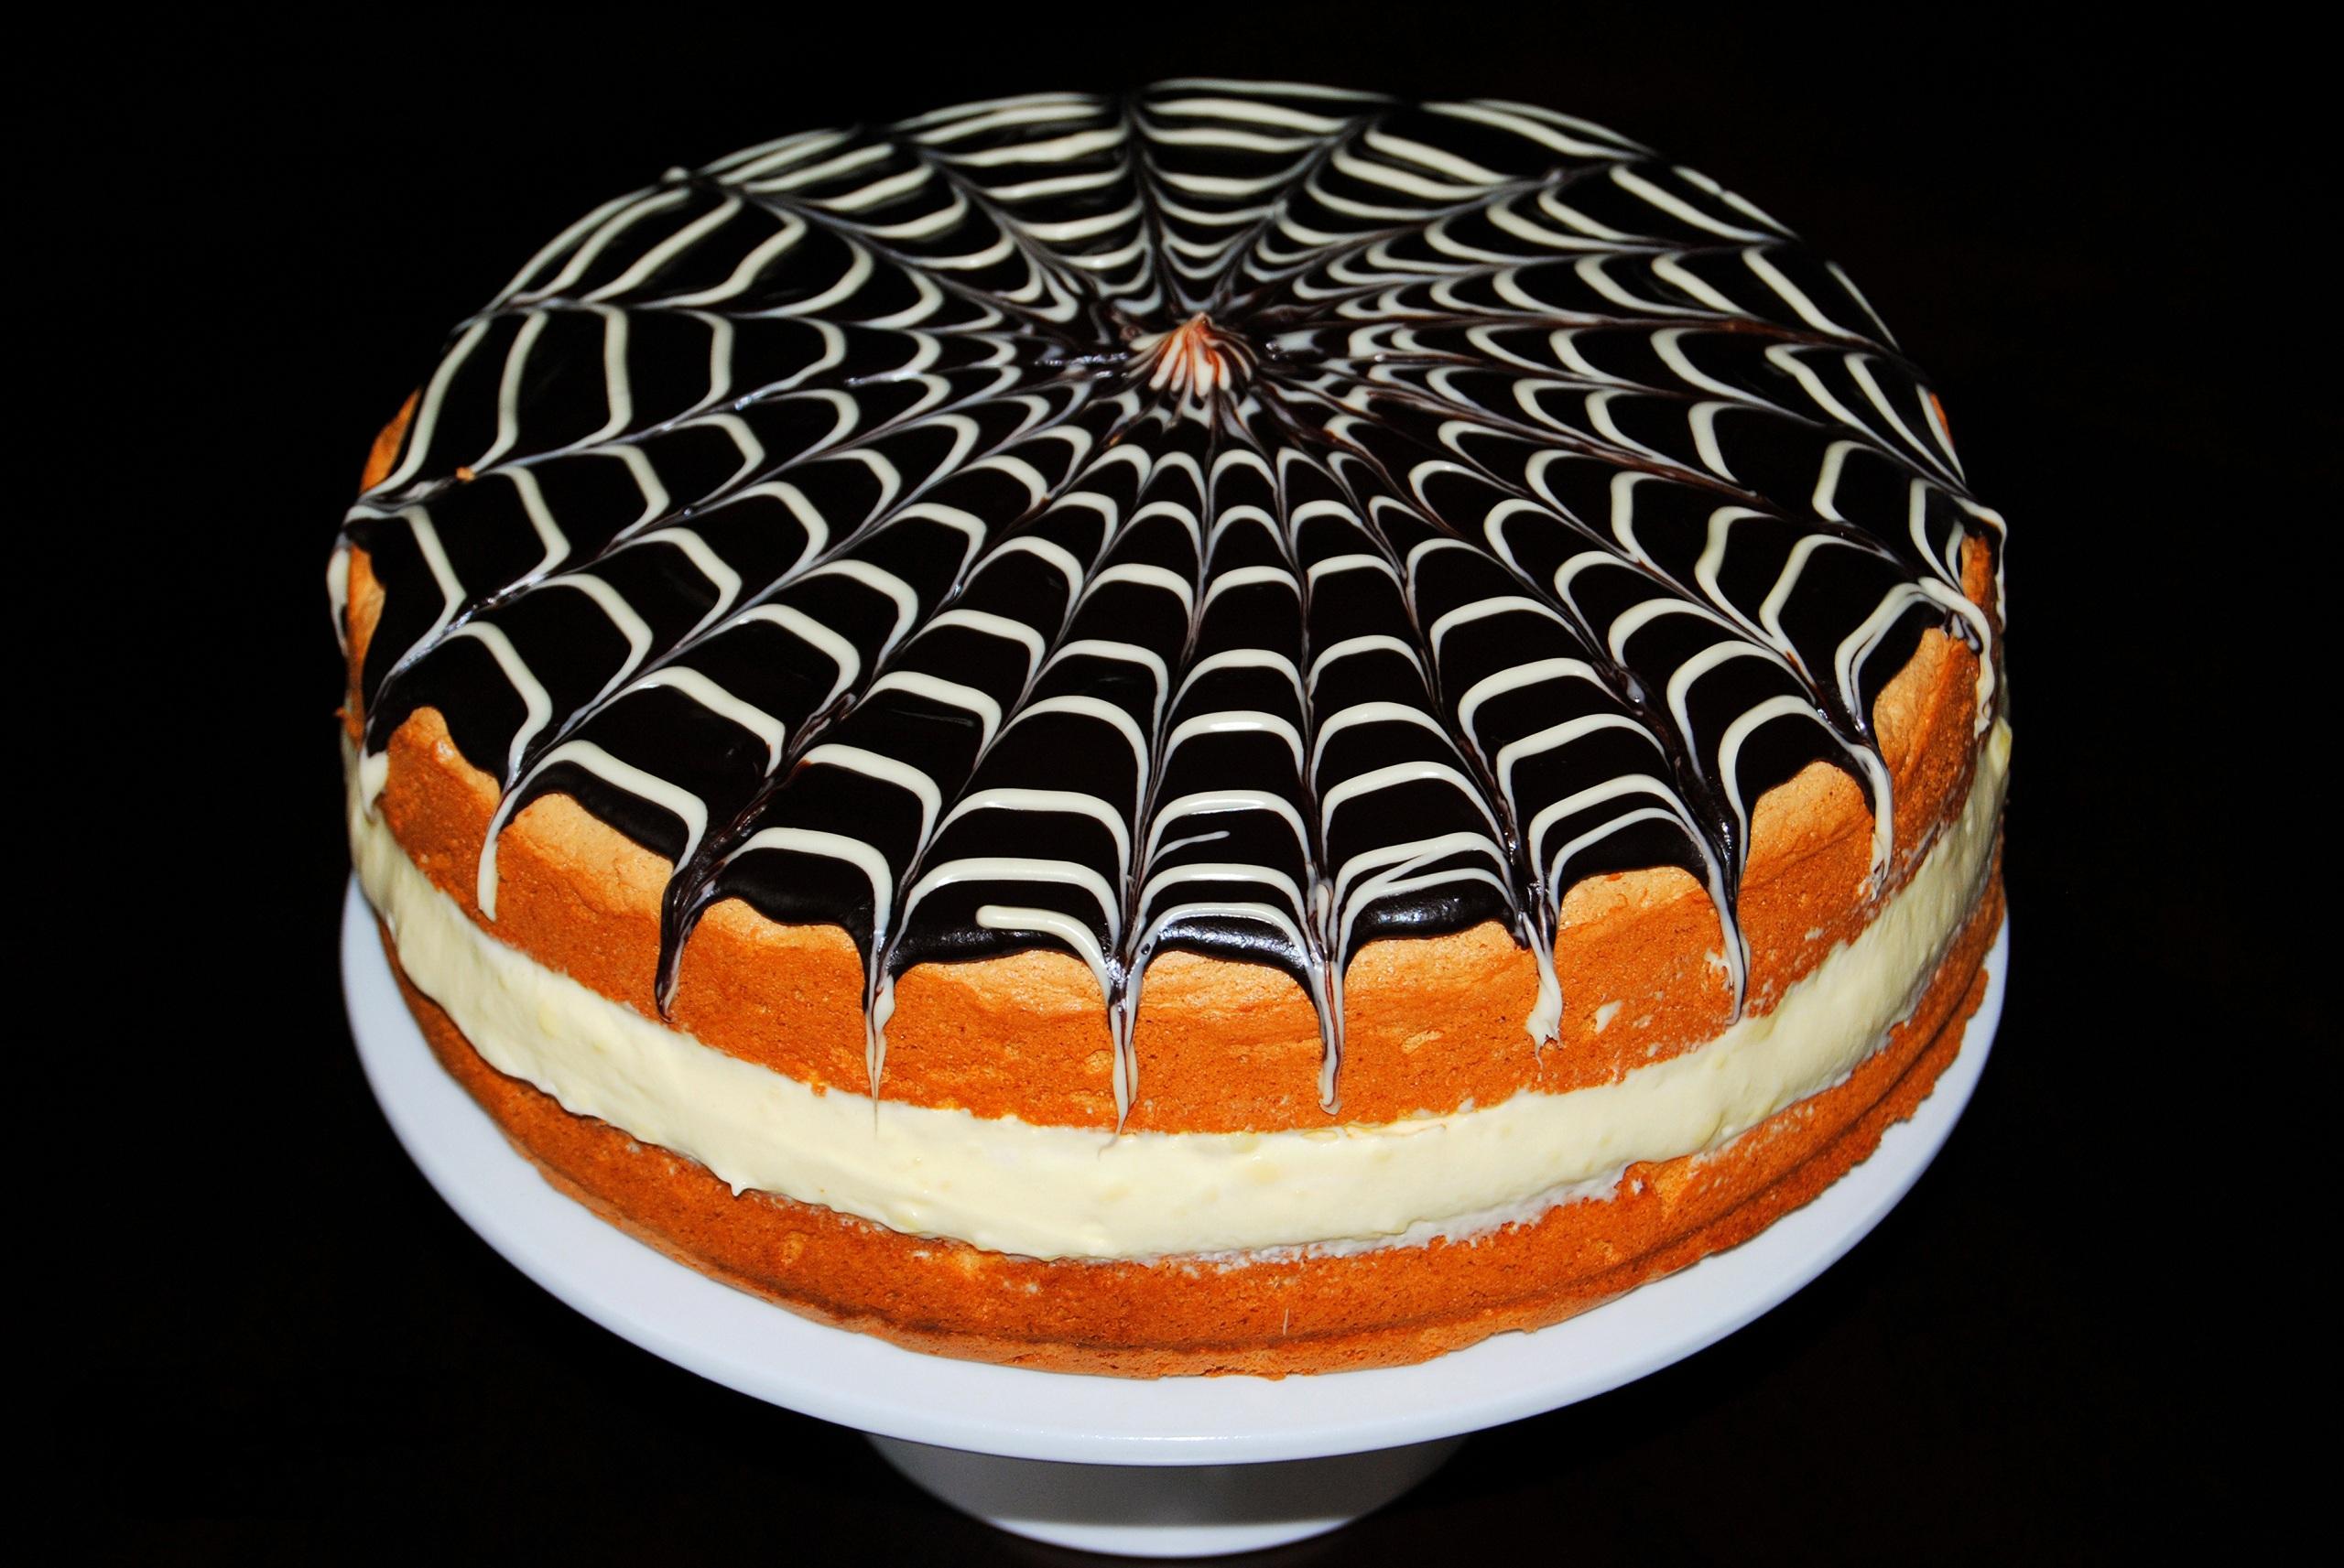 Обои для рабочего стола Шоколад Торты Еда Сладости на черном фоне 2560x1713 Пища Продукты питания Черный фон сладкая еда